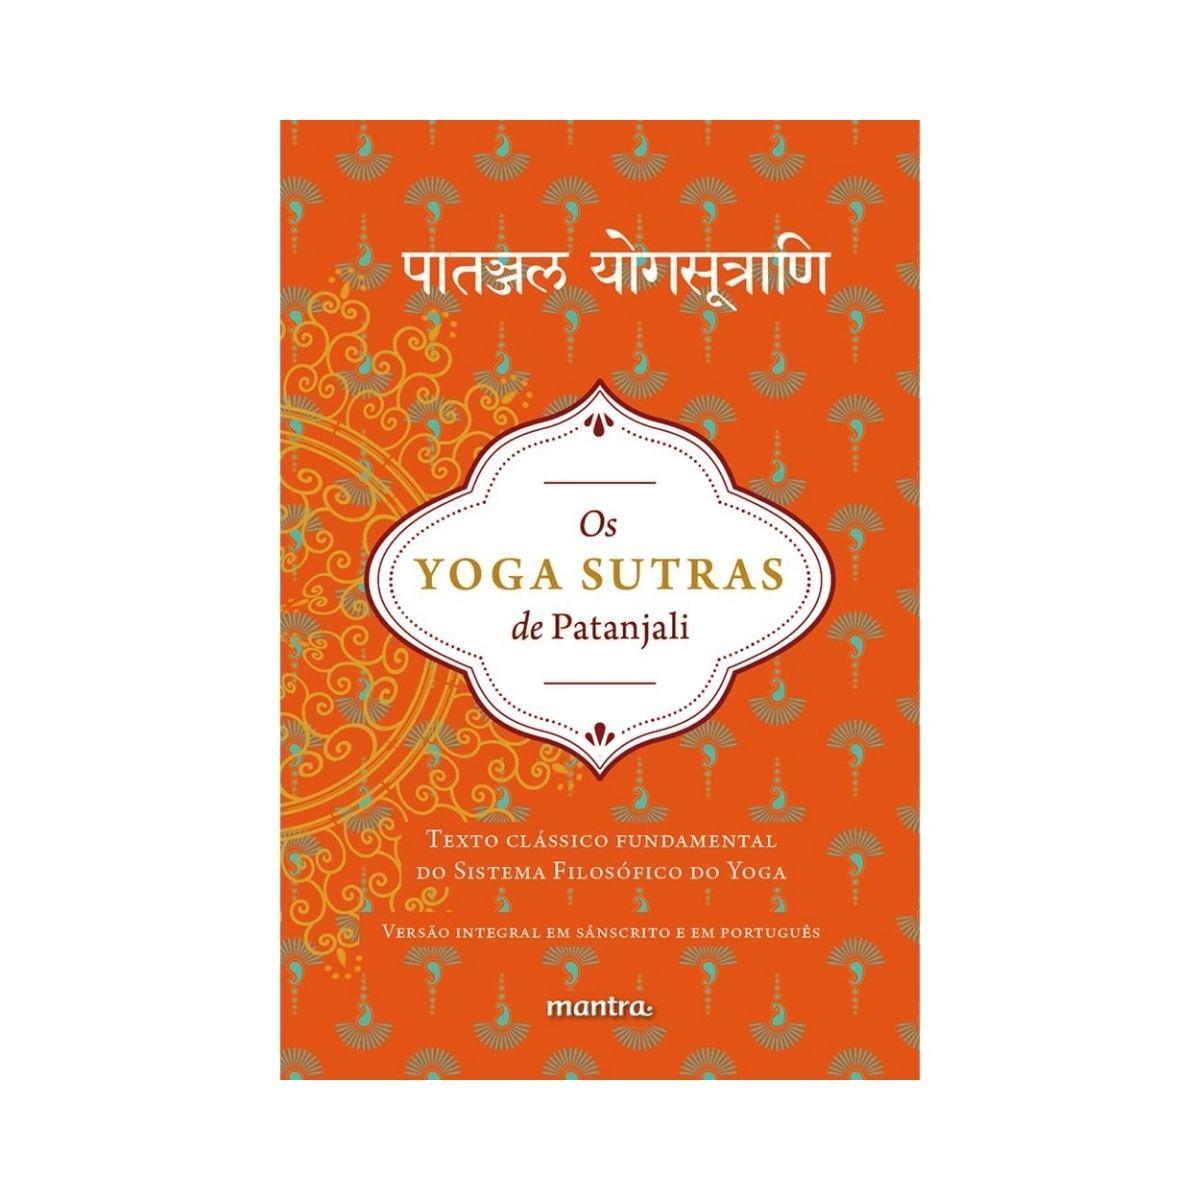 Livro Os Yoga Sutras de Patanjali. Texto Clássico Fundamental do Sistema Filosófico do Yoga